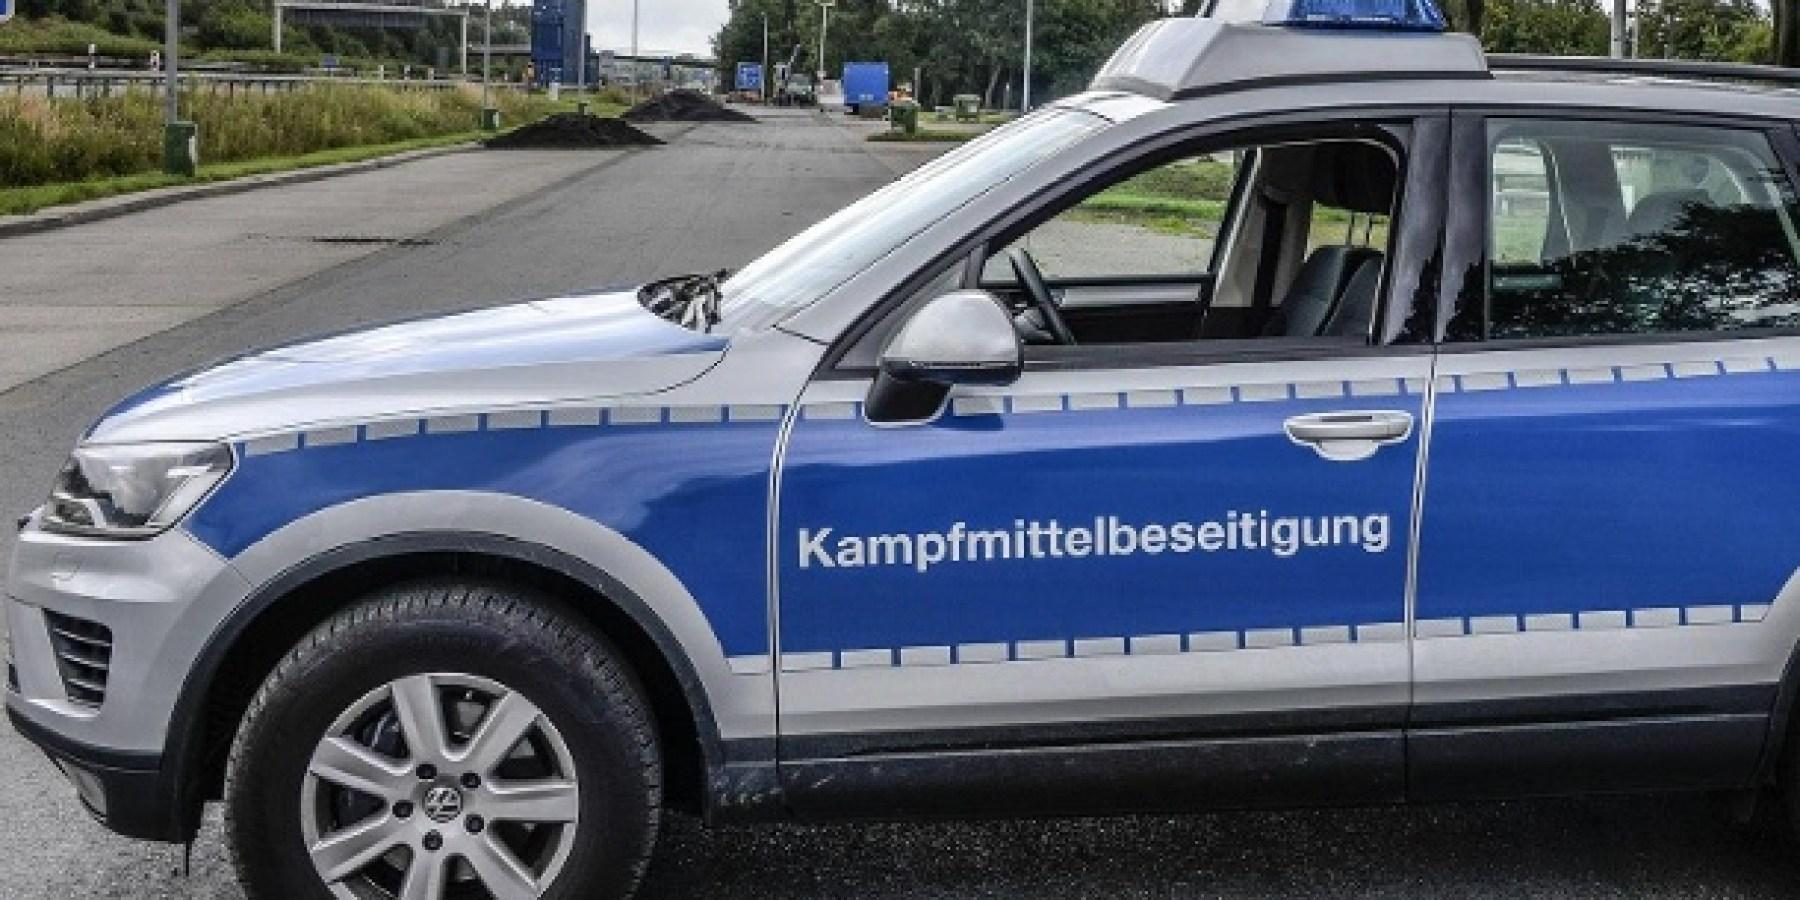 Blindgänger Bremer Platz: Evakuierung eingeleitet